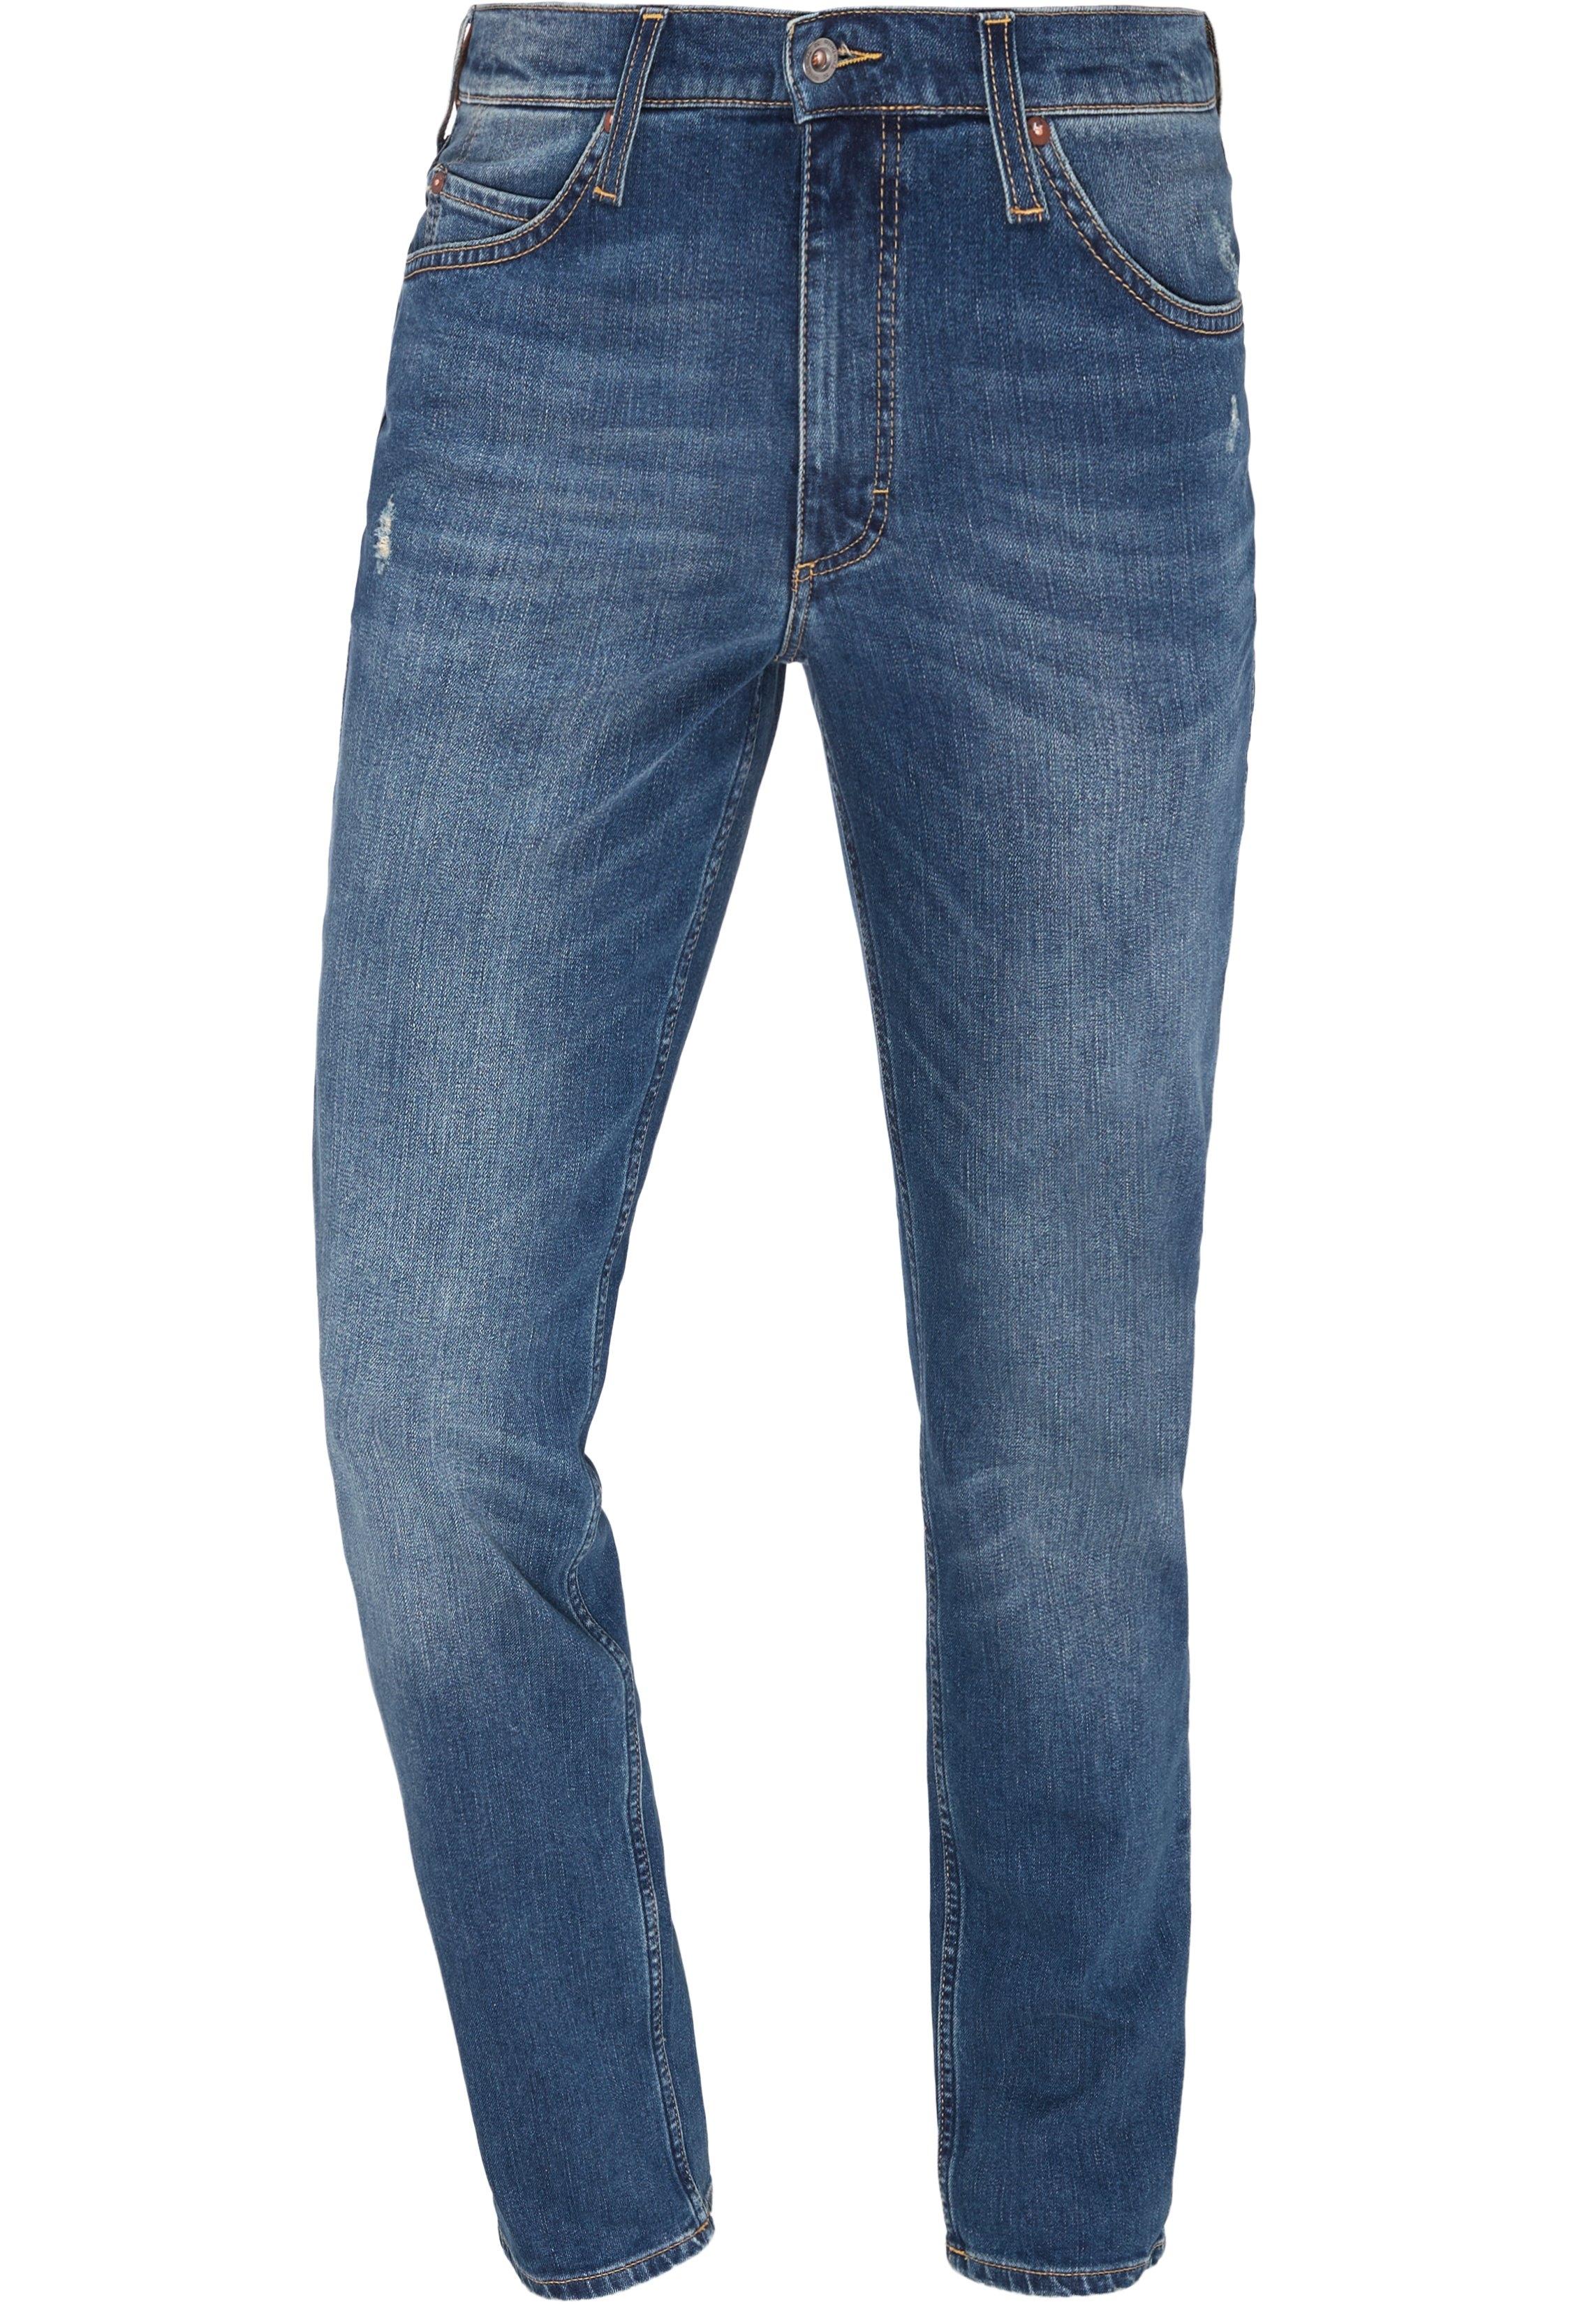 MUSTANG jeans »Tramper Tapered« veilig op otto.nl kopen